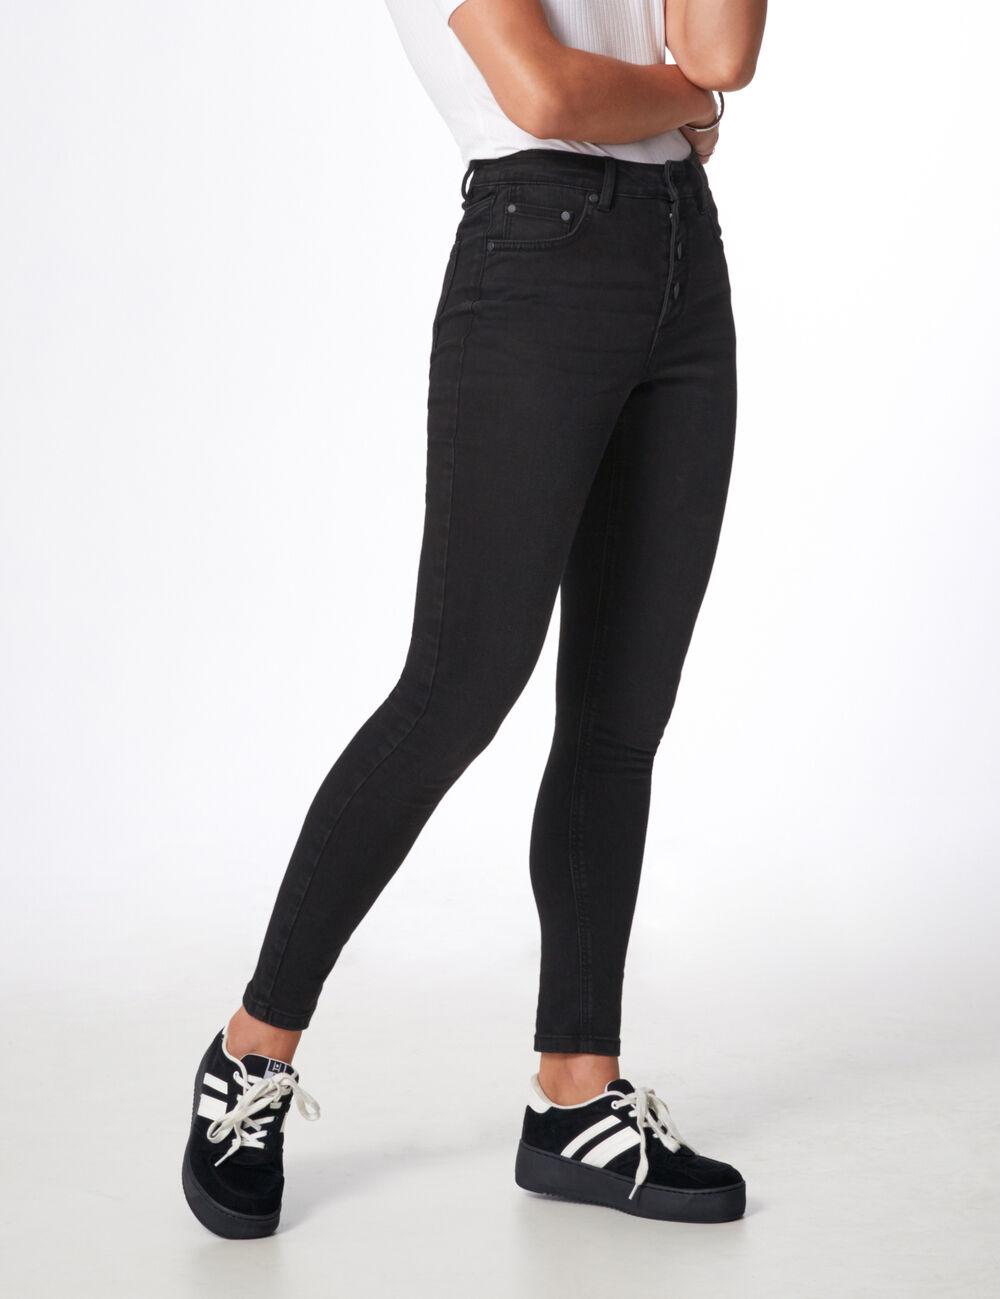 Jean Noir Taille Haute Femme : jean taille haute boutonn noir femme jennyfer ~ Pogadajmy.info Styles, Décorations et Voitures